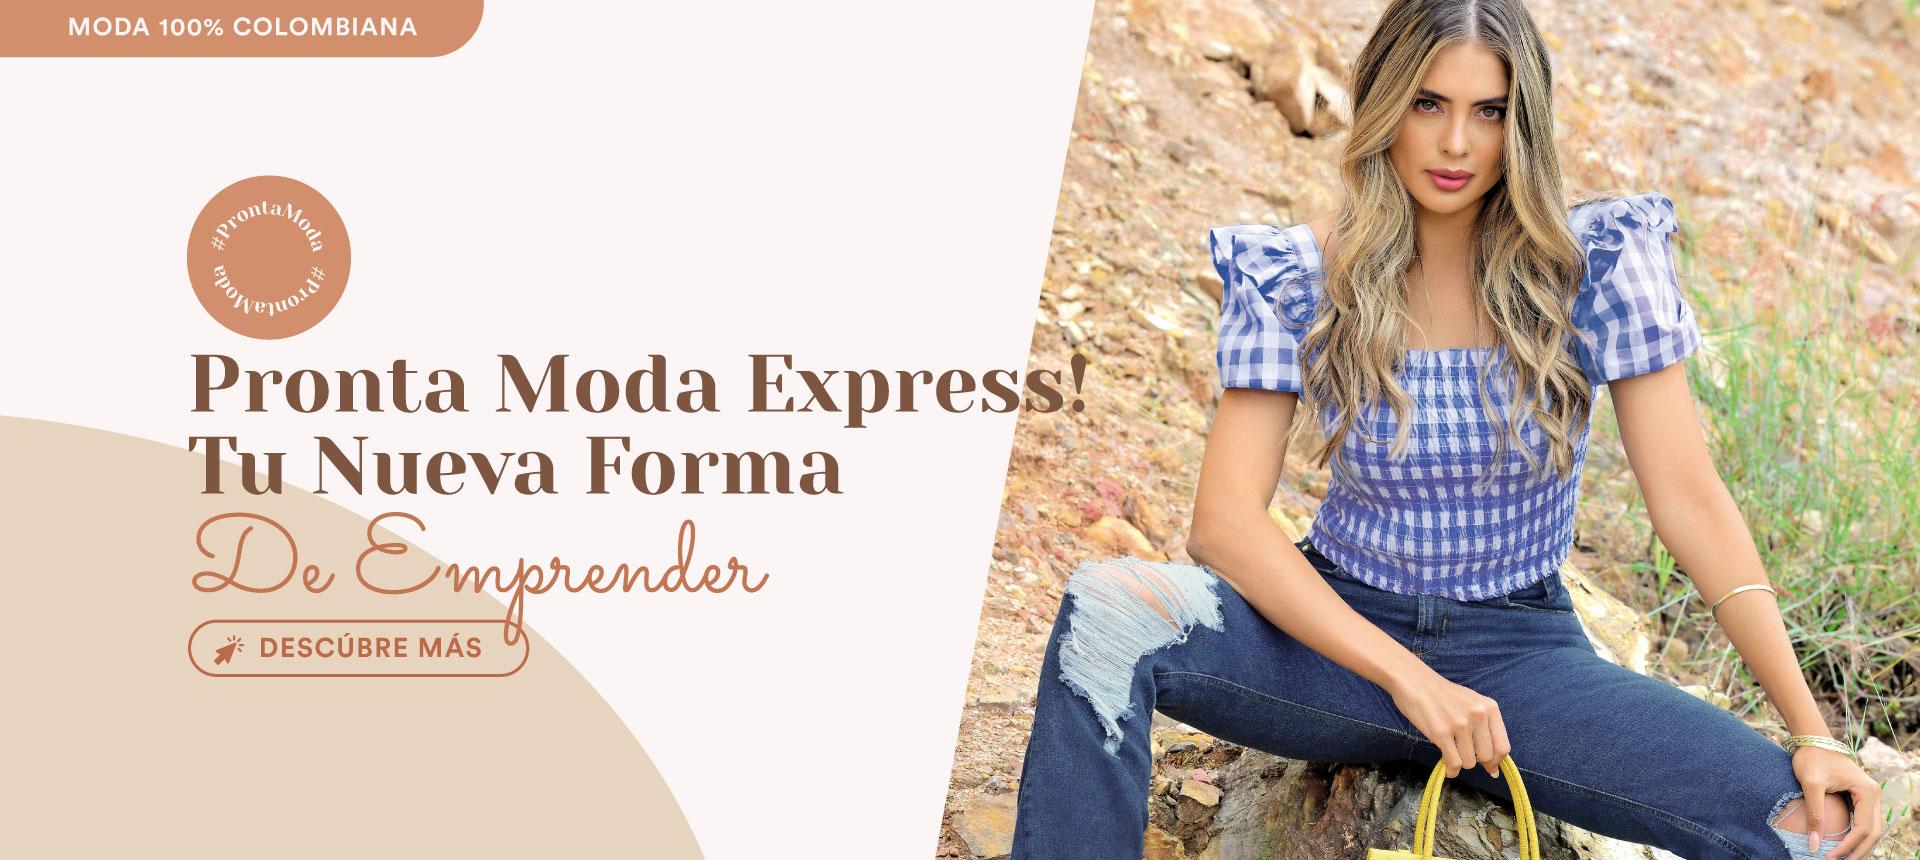 banner-pronta-moda-express